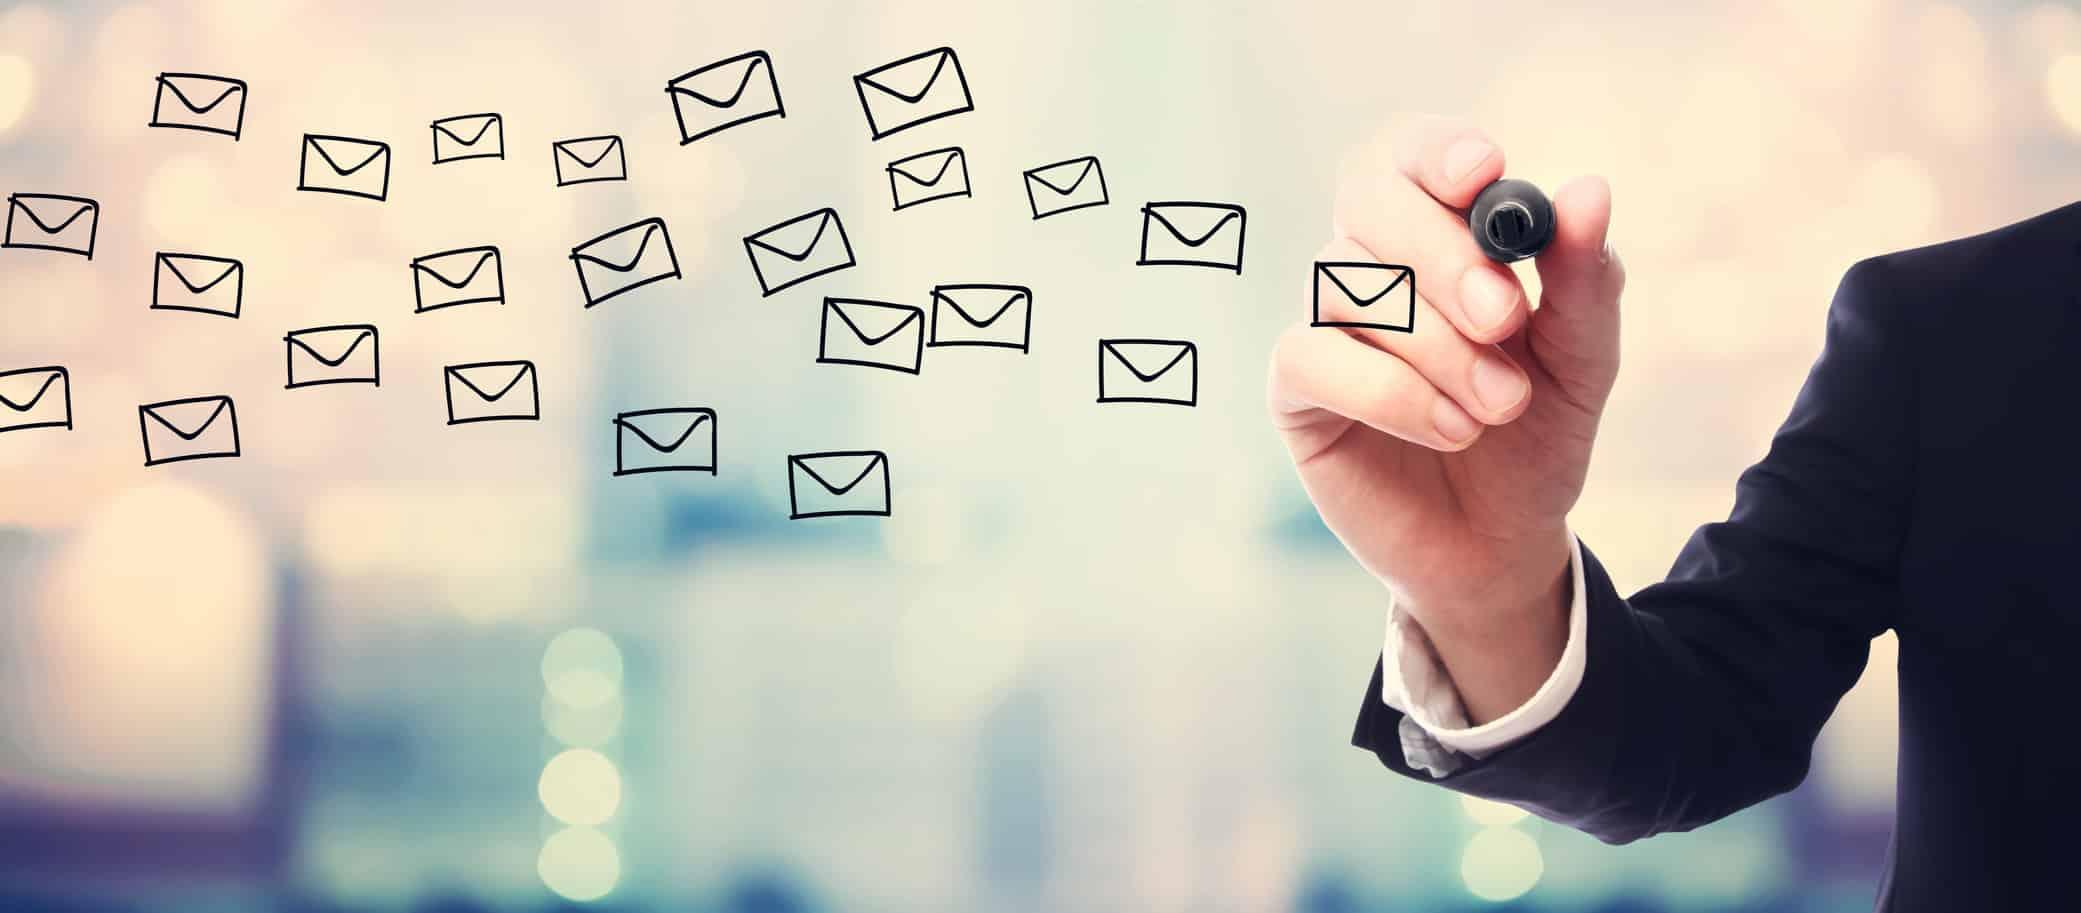 Marketing Online para Mejorar tu empresa en Aiju de Ibi (Alicante)